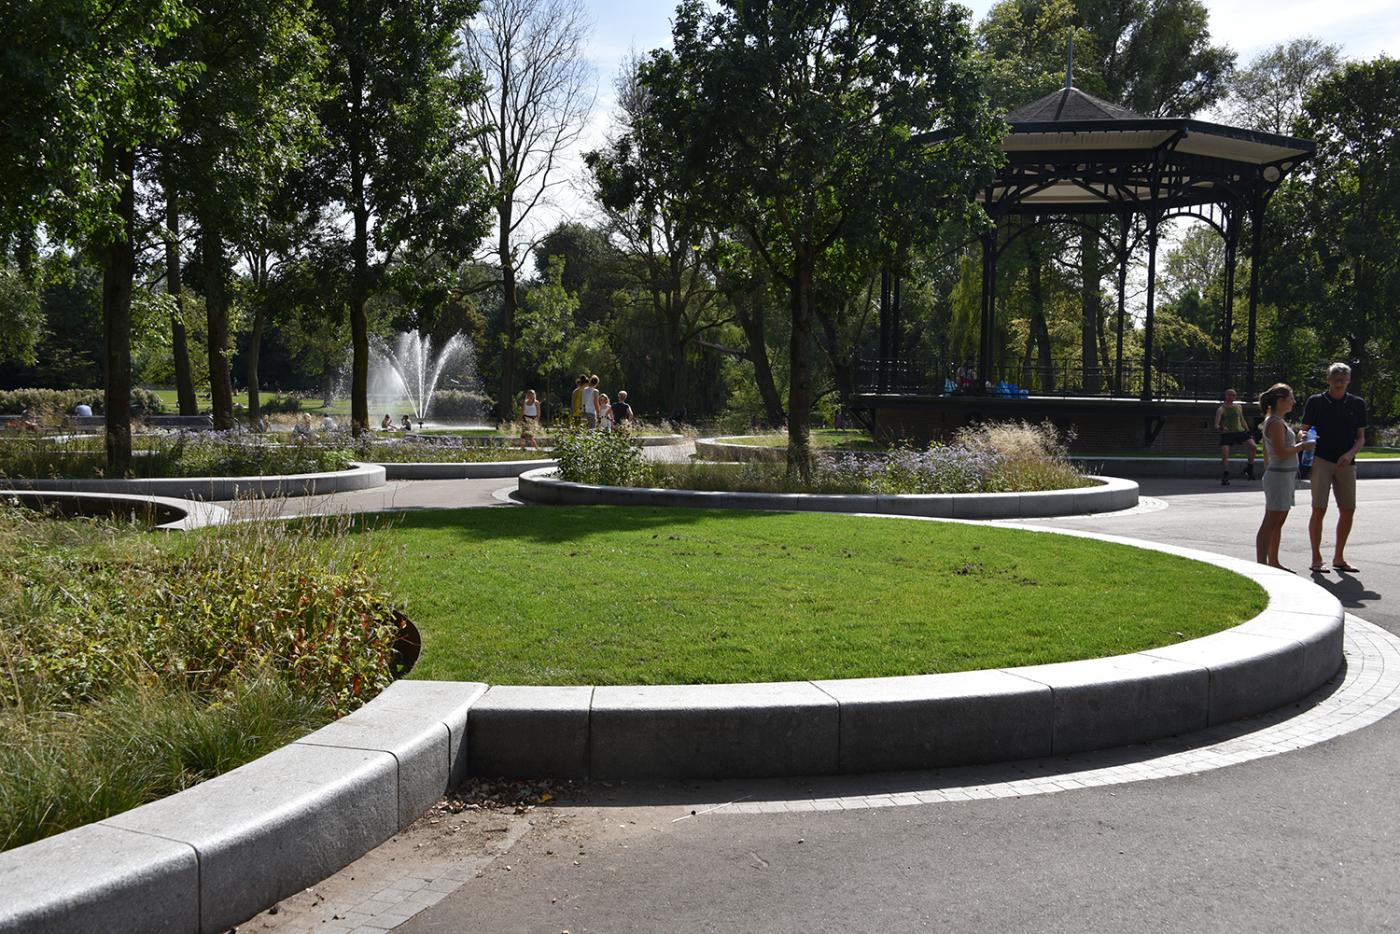 oosterpark-amsterdam-burosantenco-park-renovatie-landschapsarchitectuur-klimaatadaptief-biodiversiteit-stadspark-muziekkoepel-vasteplanten-gazon